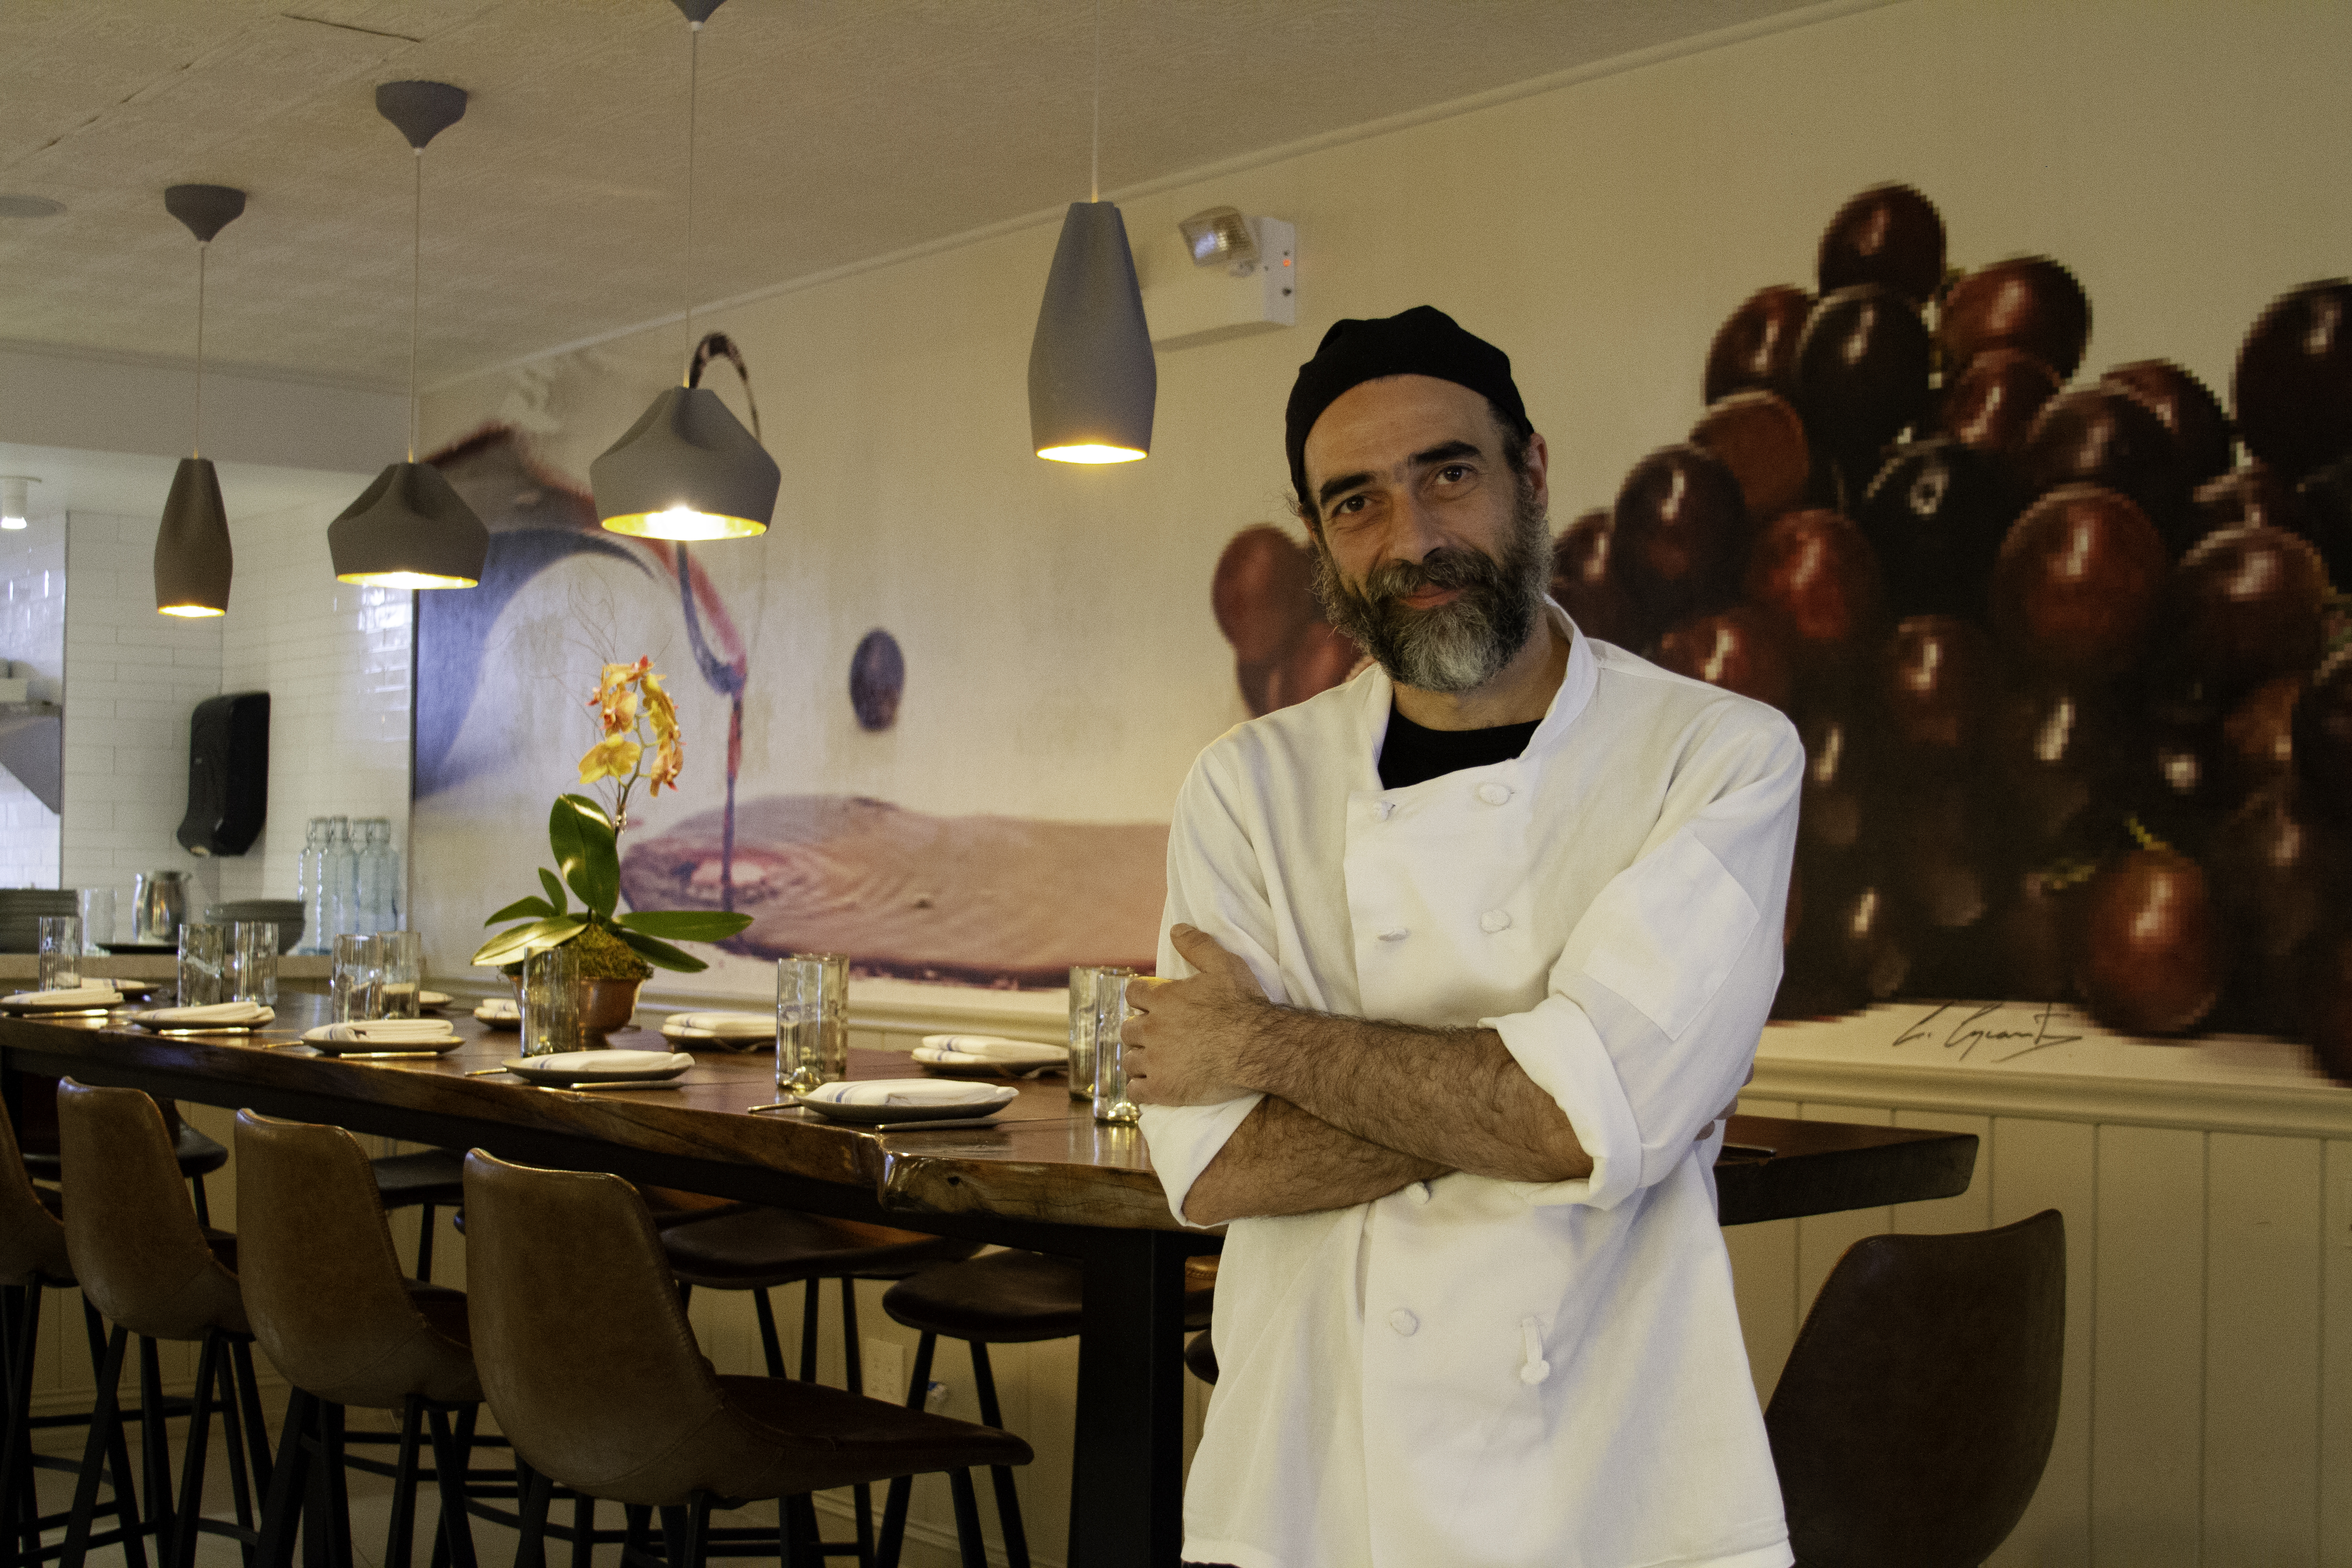 Paco Parreño un símbolo de la cocina española en Nueva York